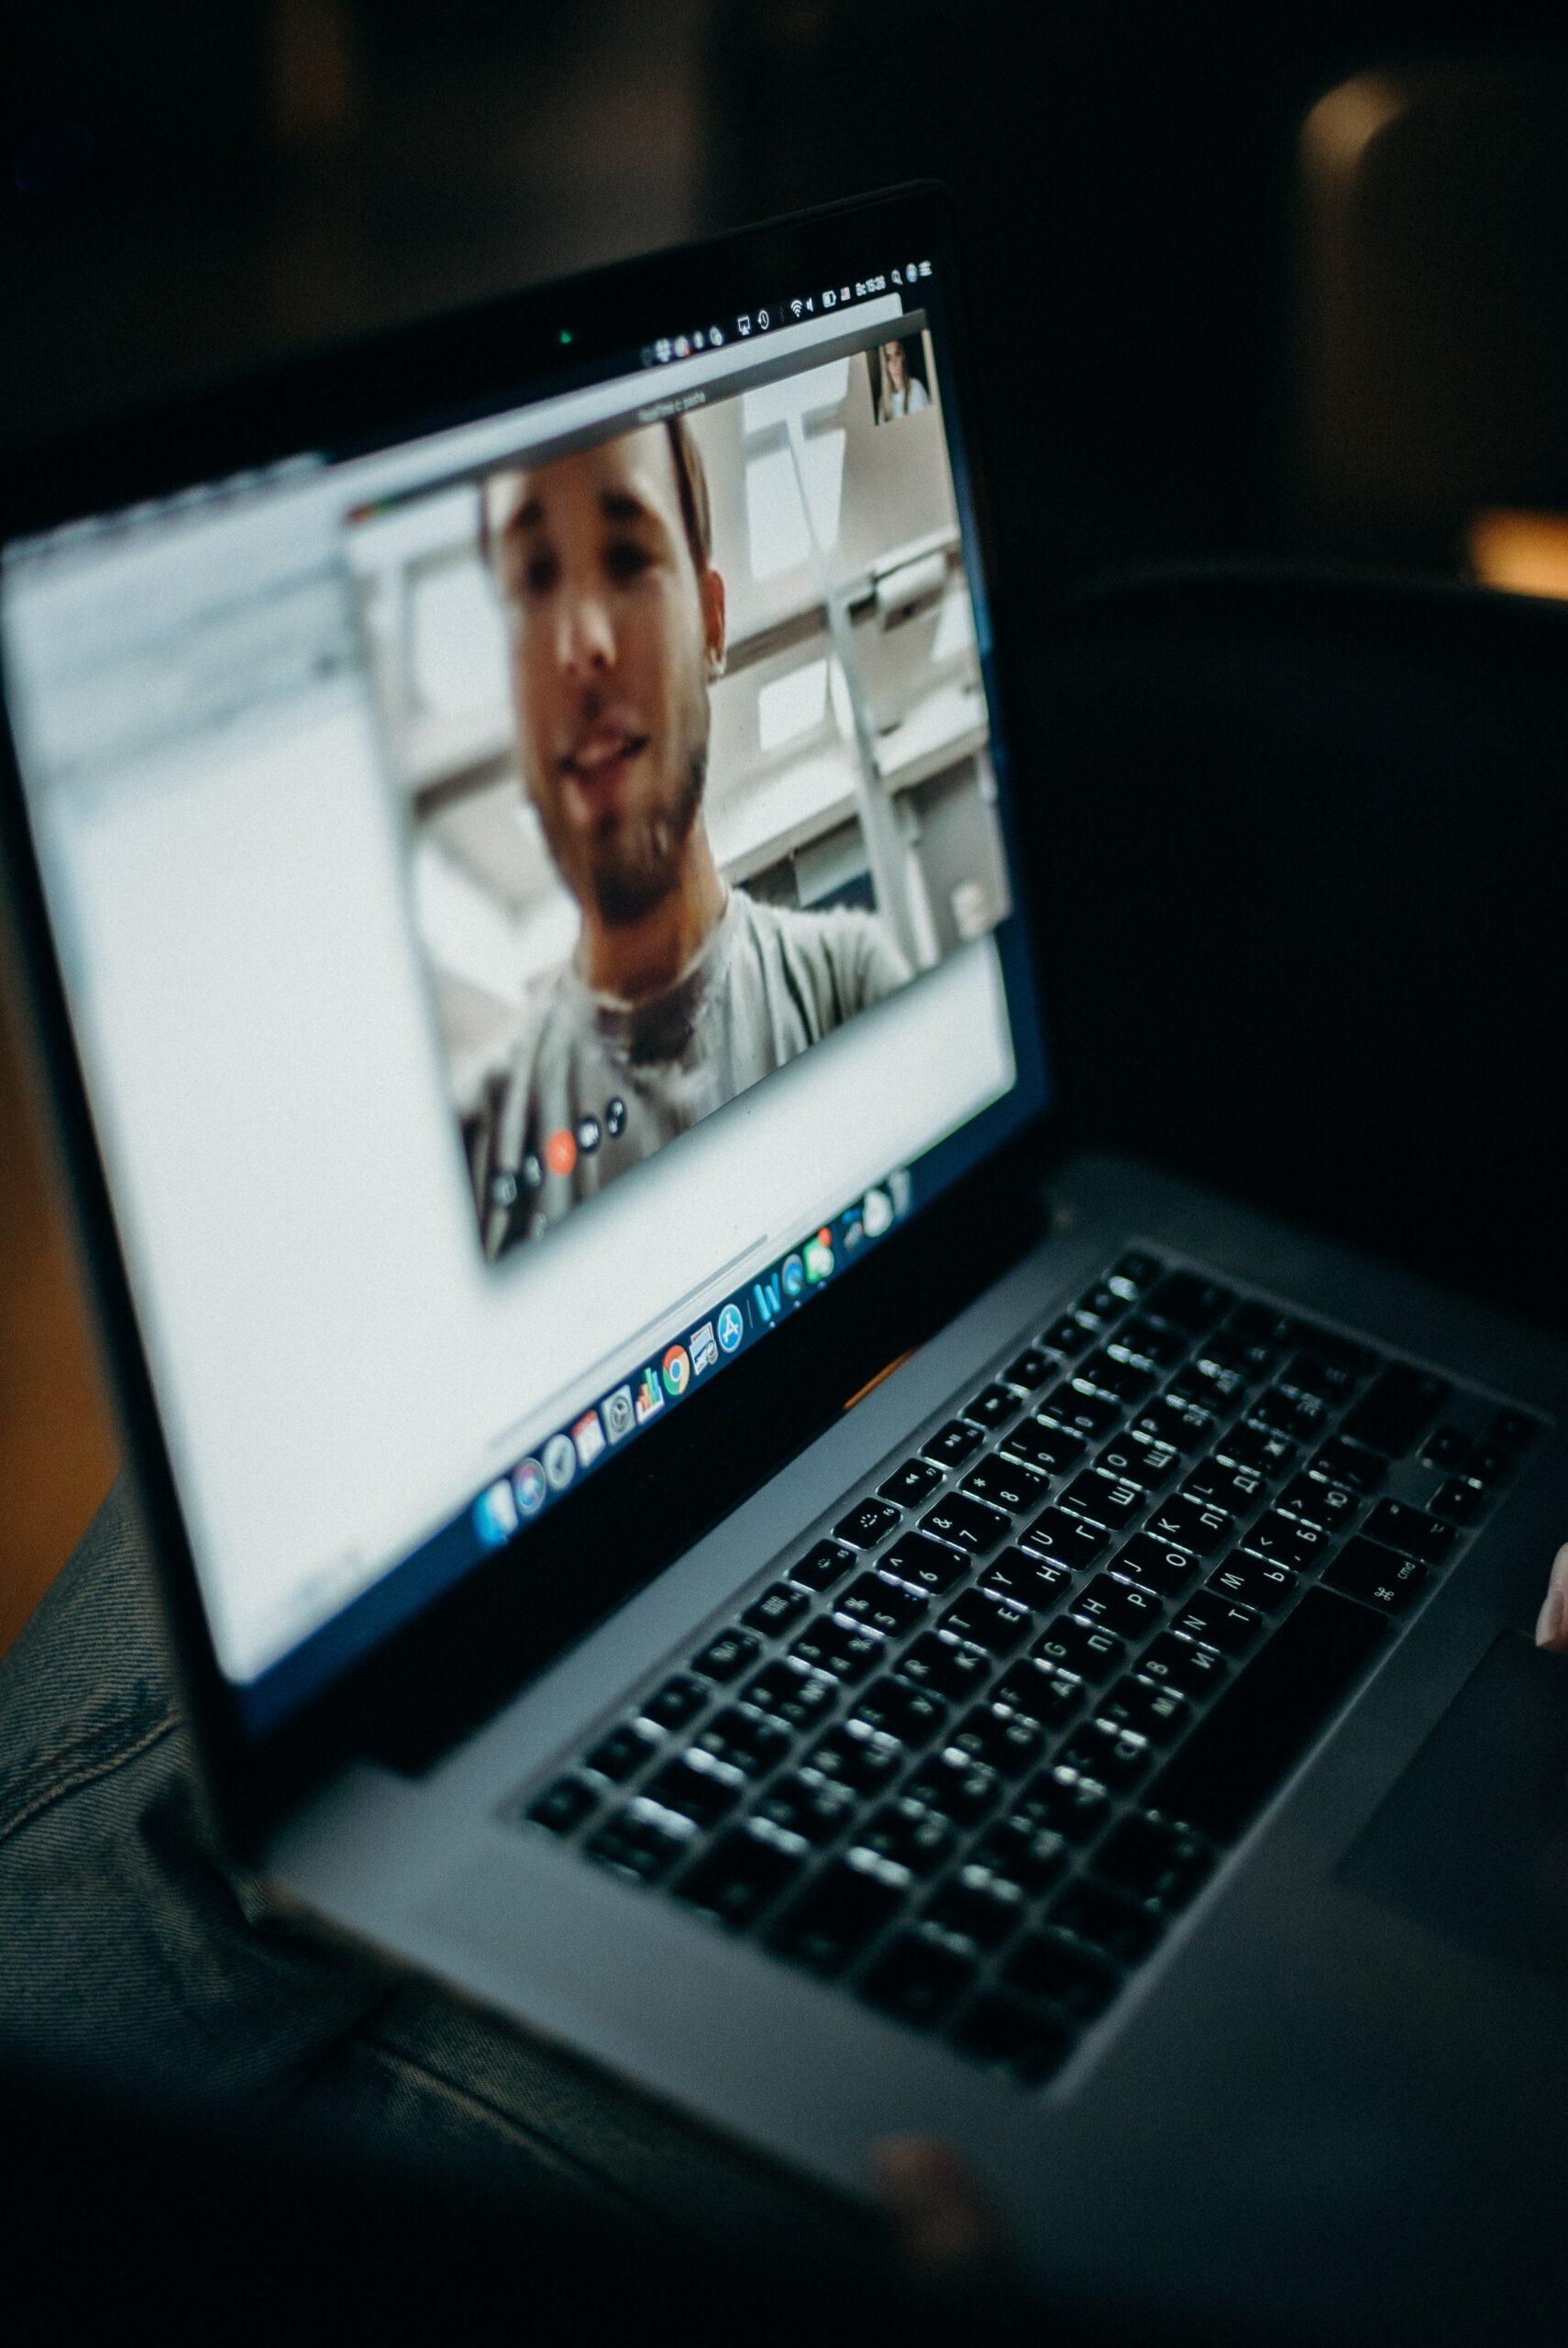 turned-on-macbook